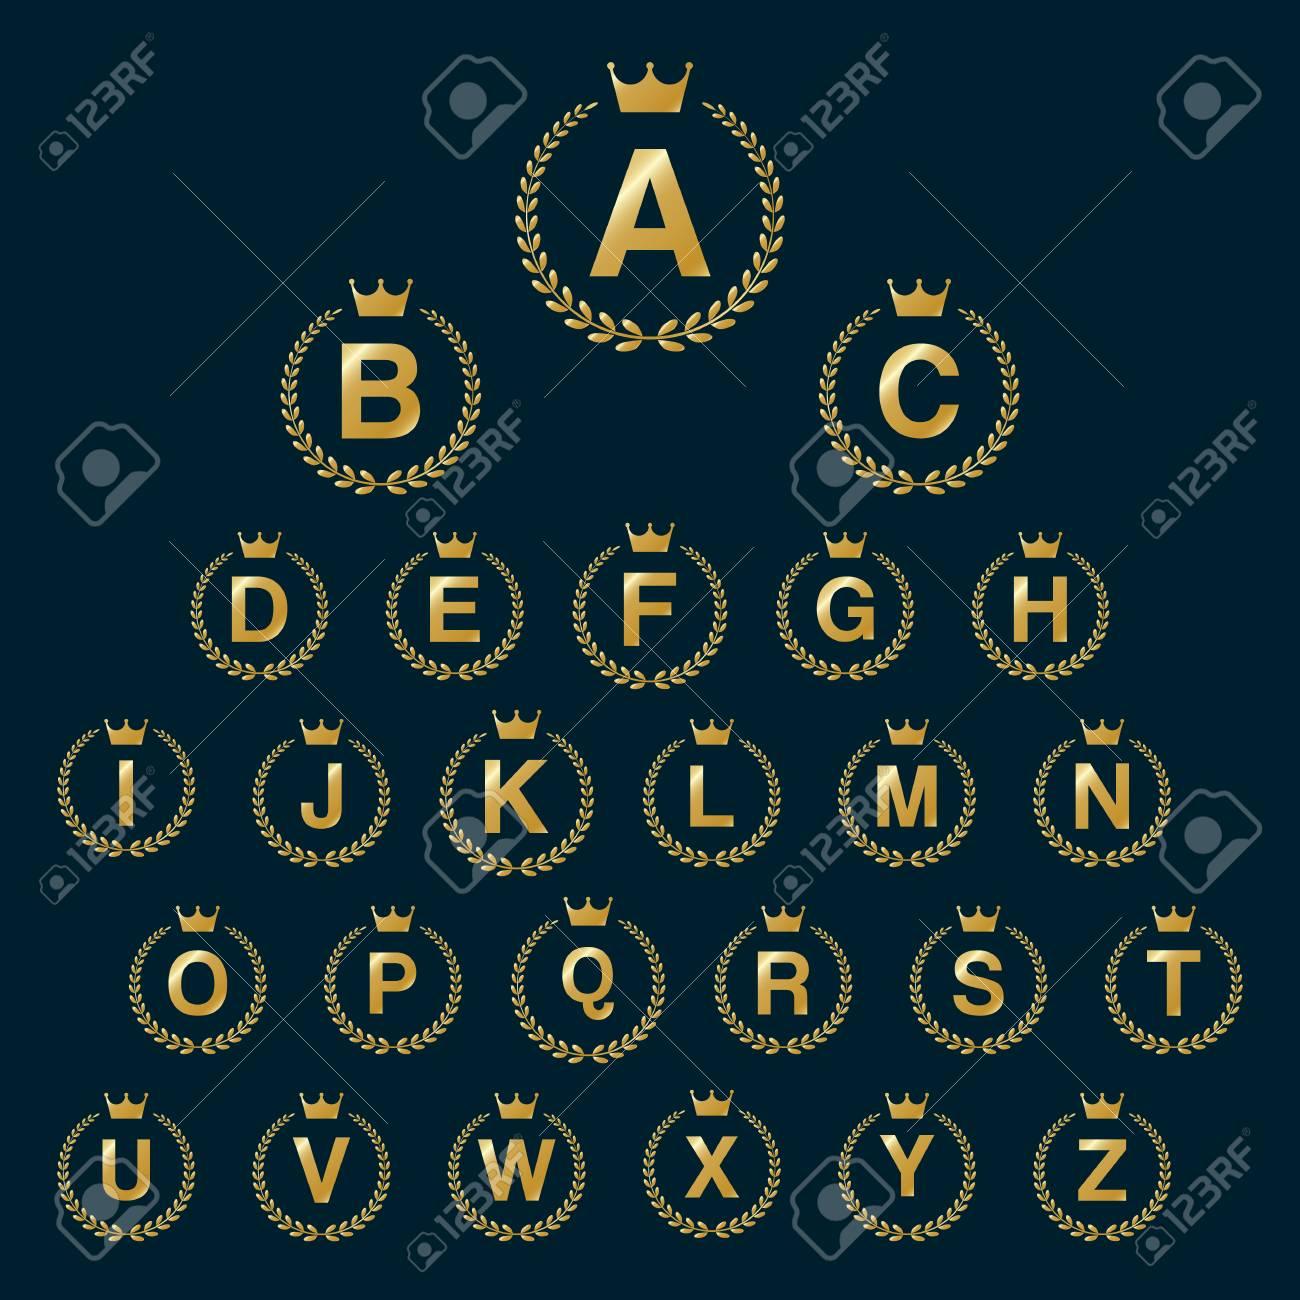 Icône De Couronne De Laurel Avec Des Lettres De L'alphabet Majuscule.  Éléments De Modèle Golden Font Design - Lettre A À Z dedans Modele Alphabet Majuscule